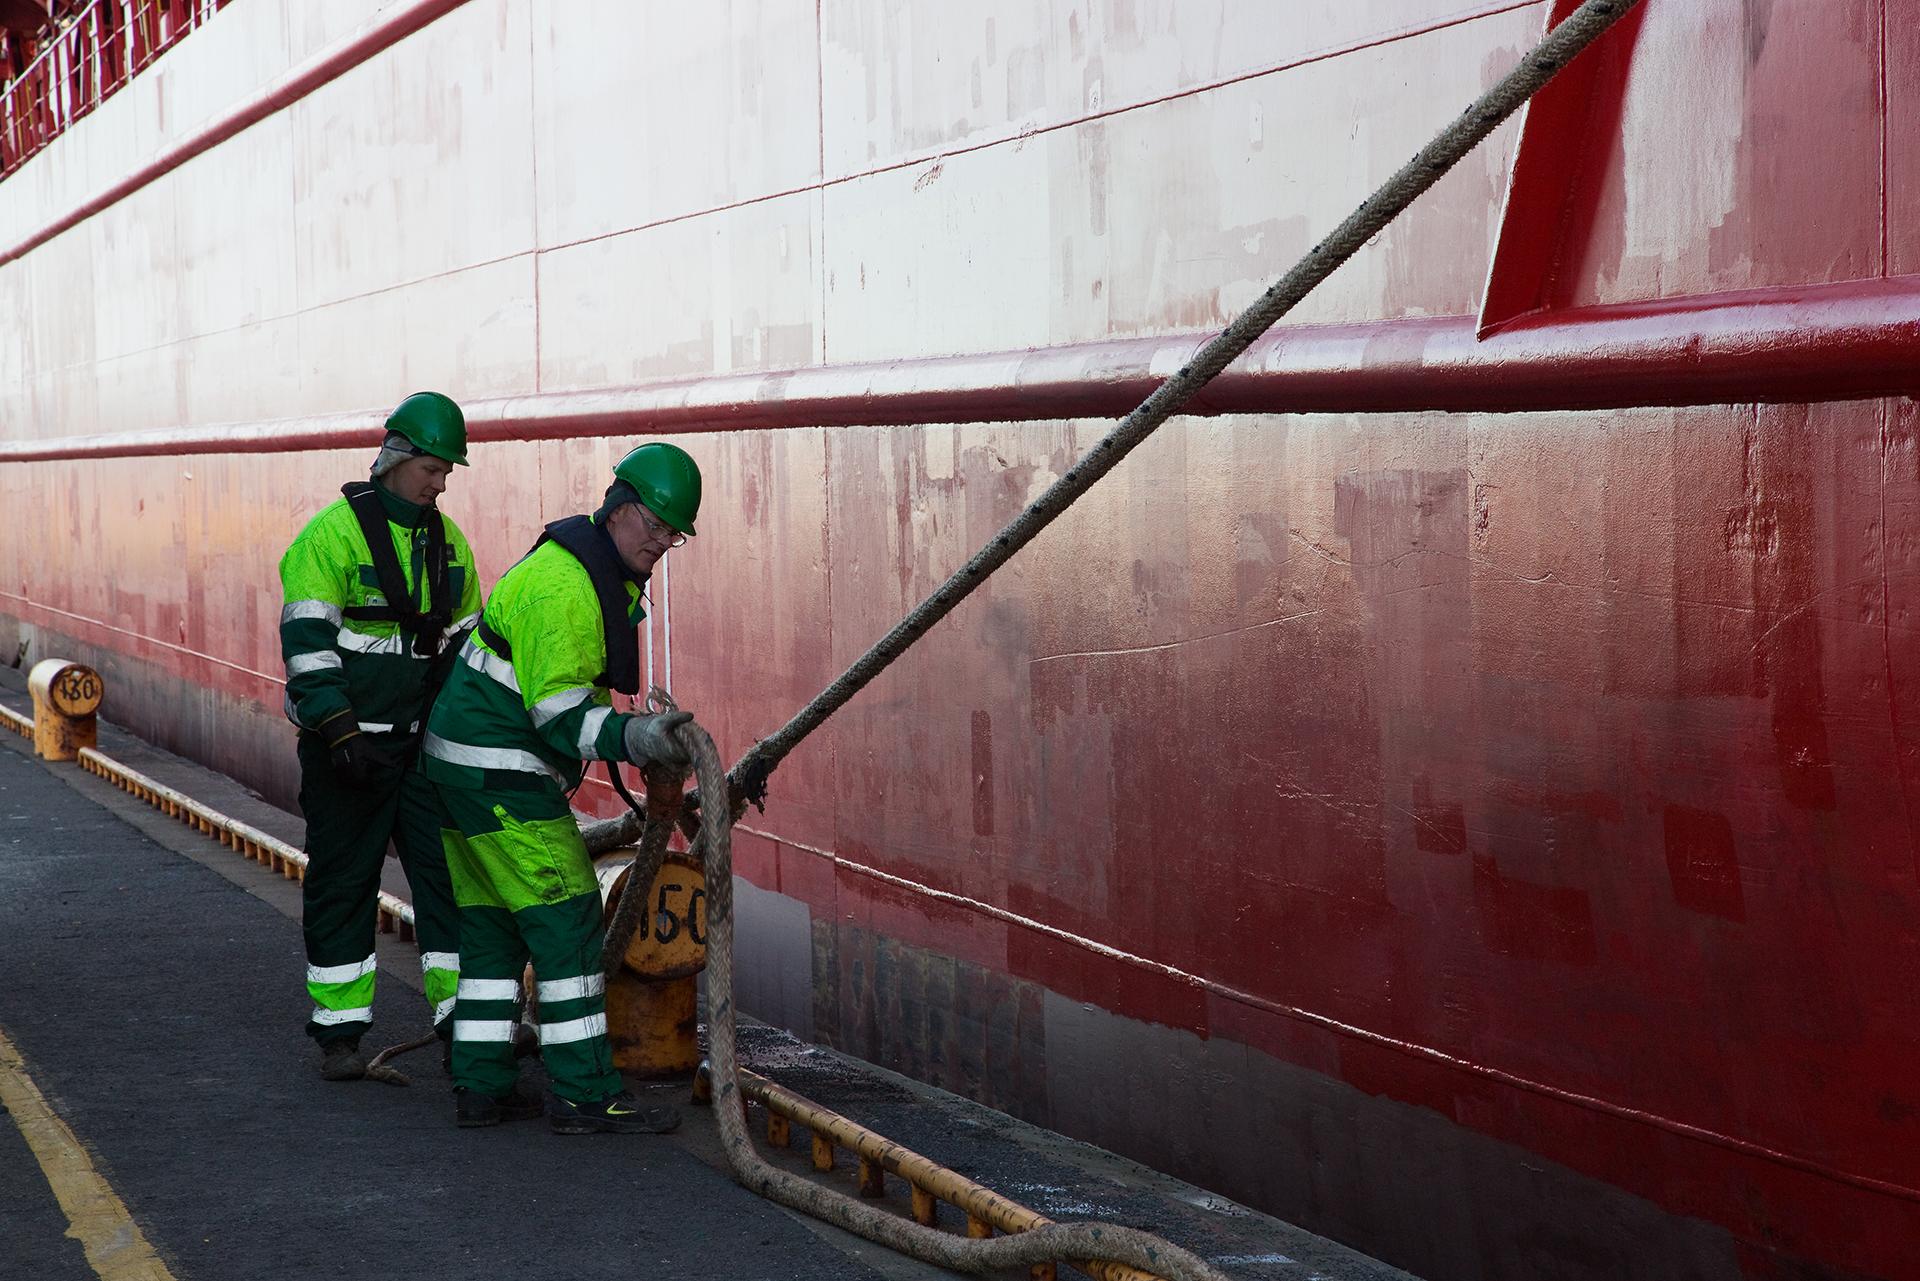 Satamavalvojat irrottamassa laivan köysiä, jotta laiva pääsee jatkamaan matkaa seuraavaan satamaan.